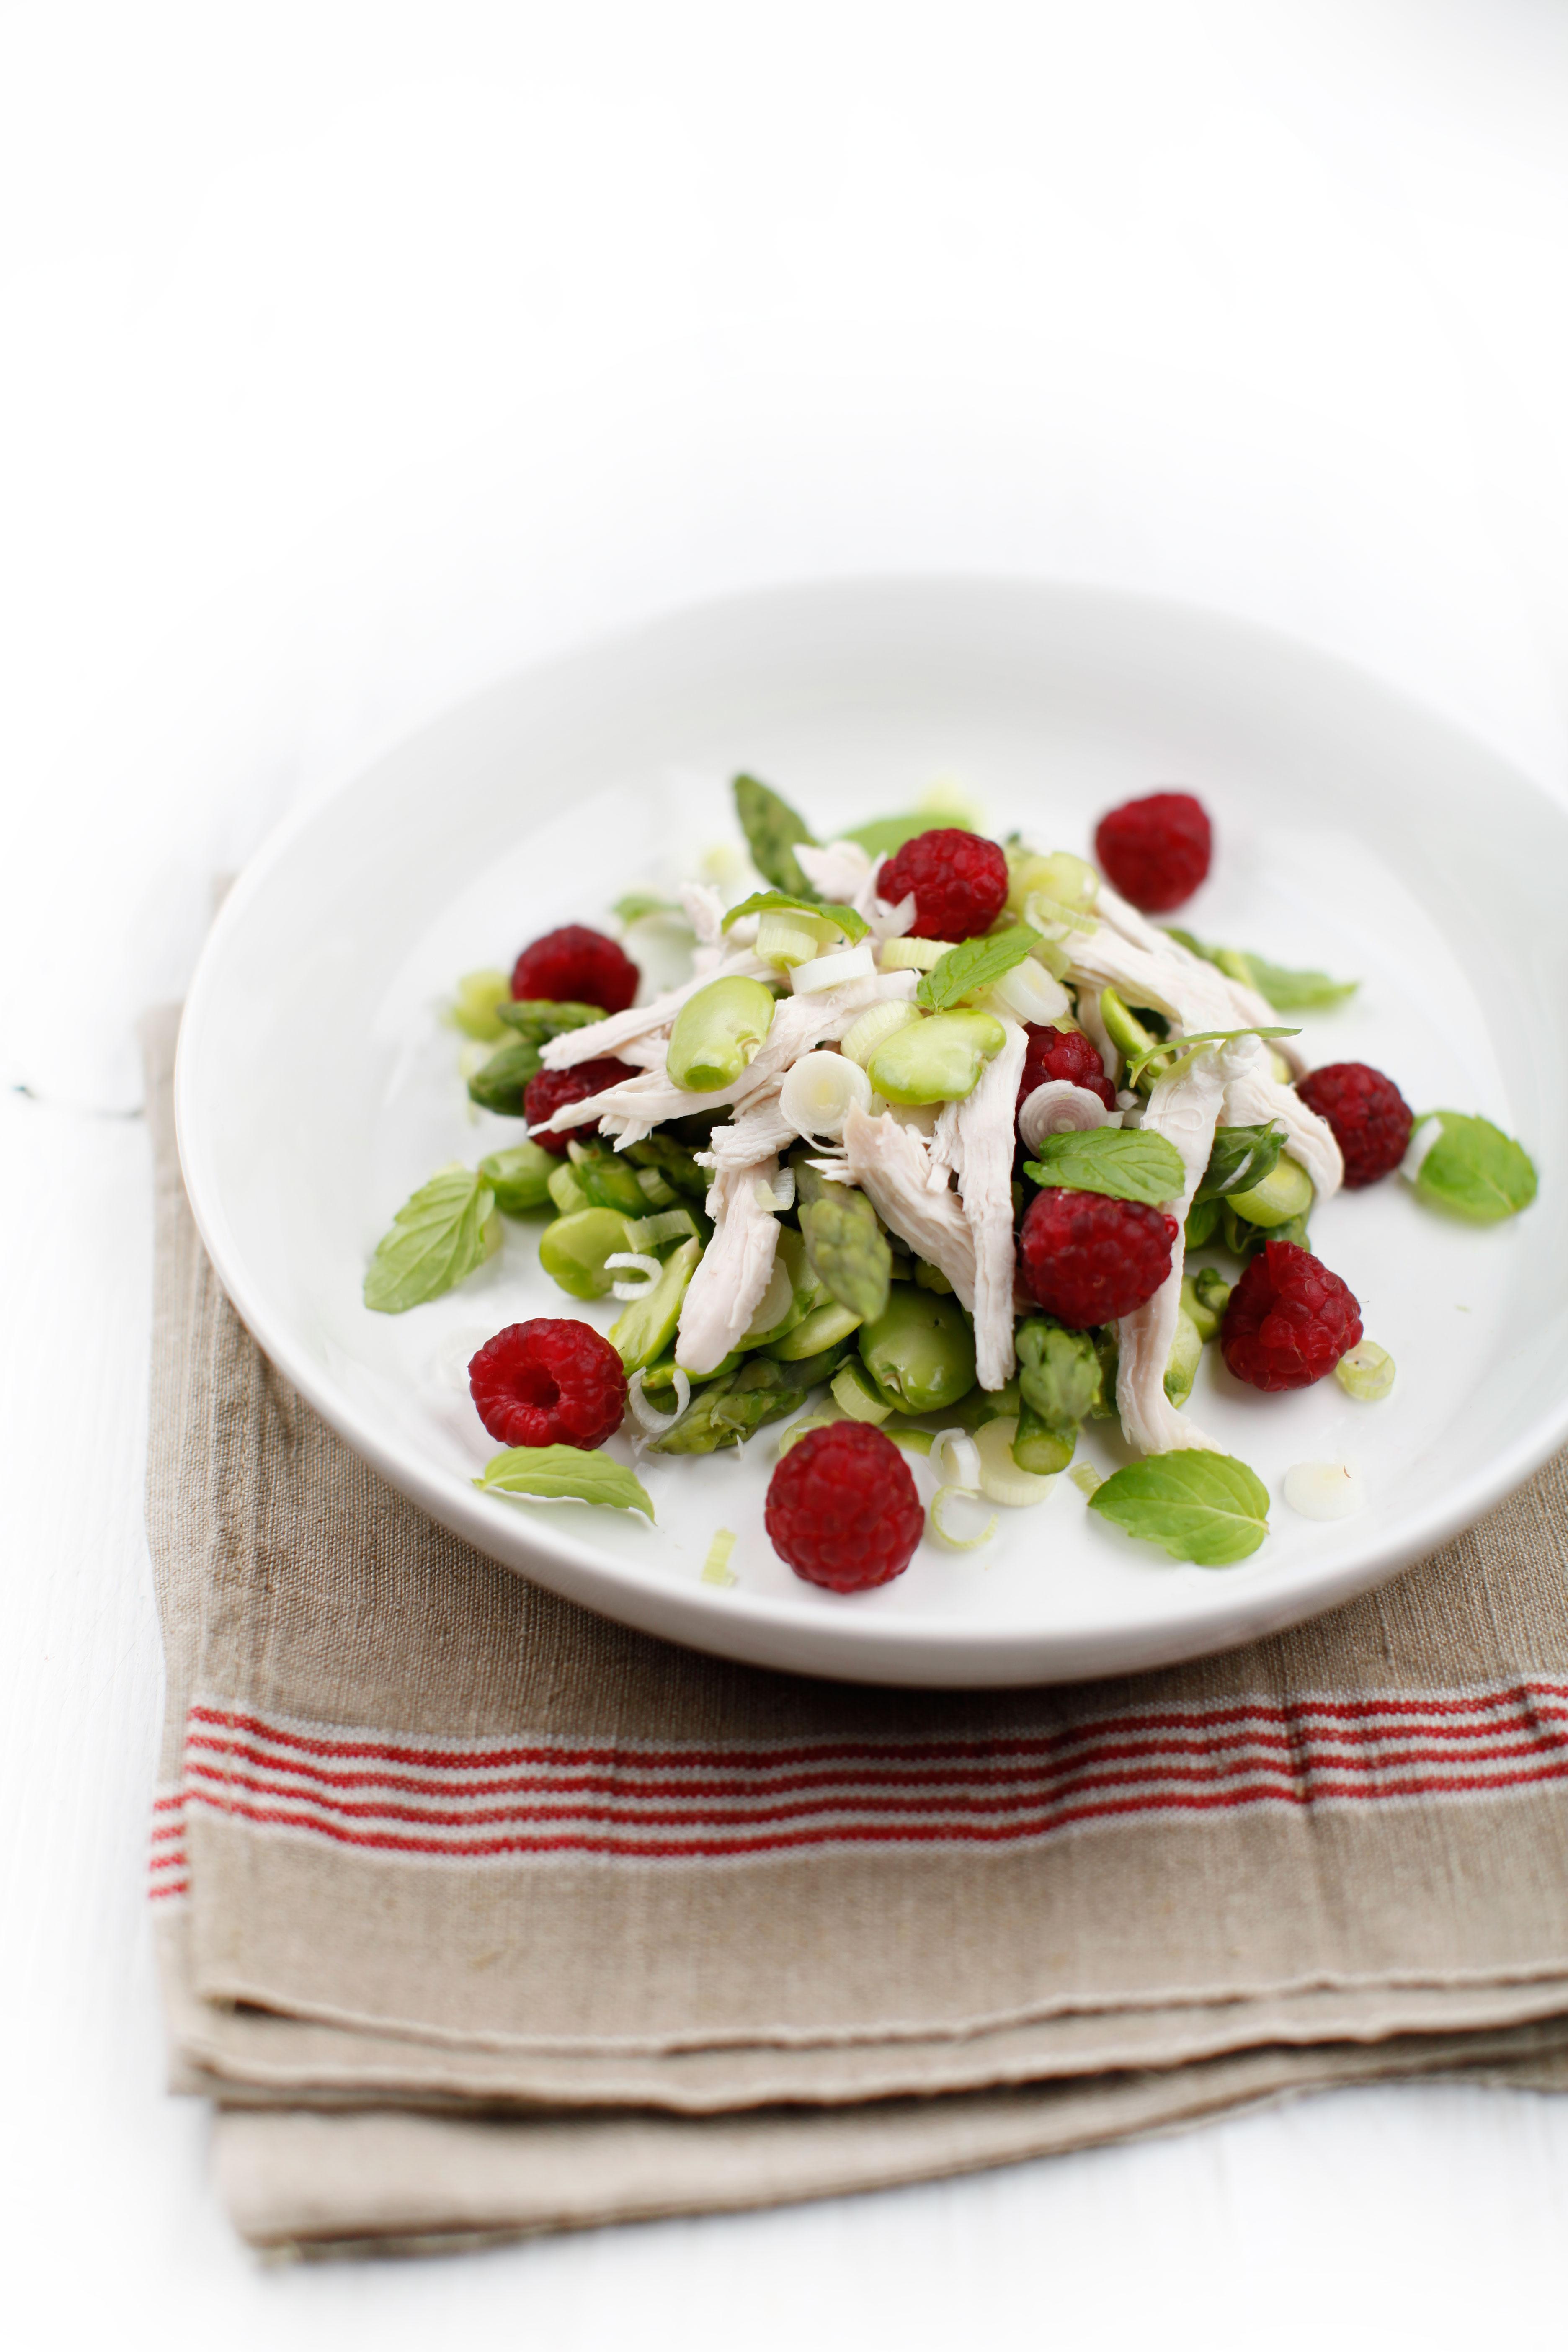 pici-e-castagne-insalata-asparagi-e-lamponi